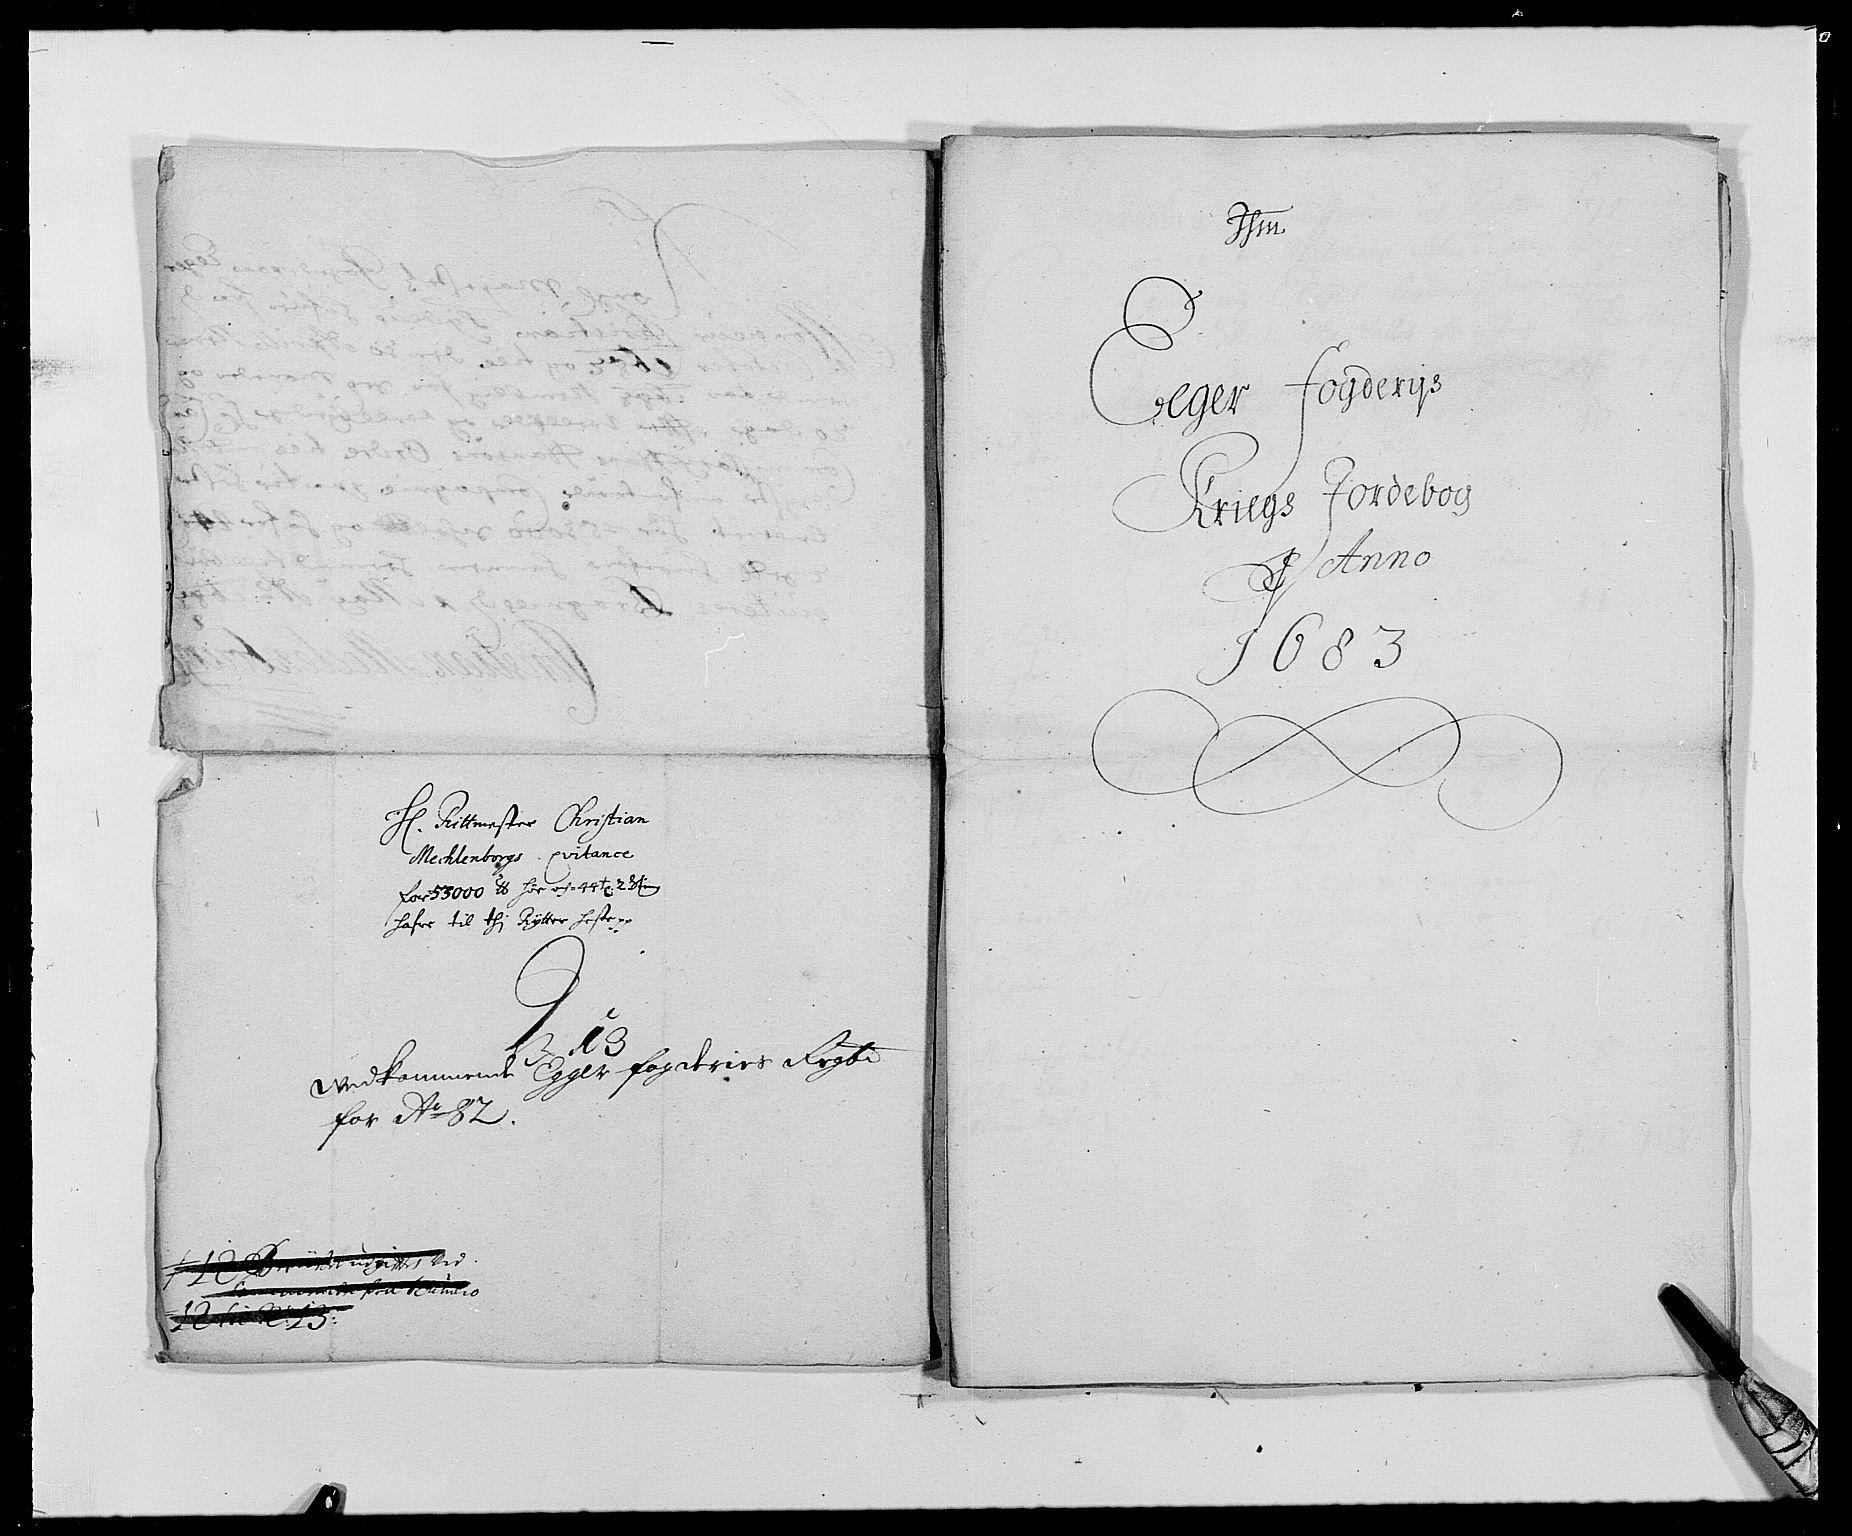 RA, Rentekammeret inntil 1814, Reviderte regnskaper, Fogderegnskap, R26/L1685: Fogderegnskap Eiker, 1679-1686, s. 265